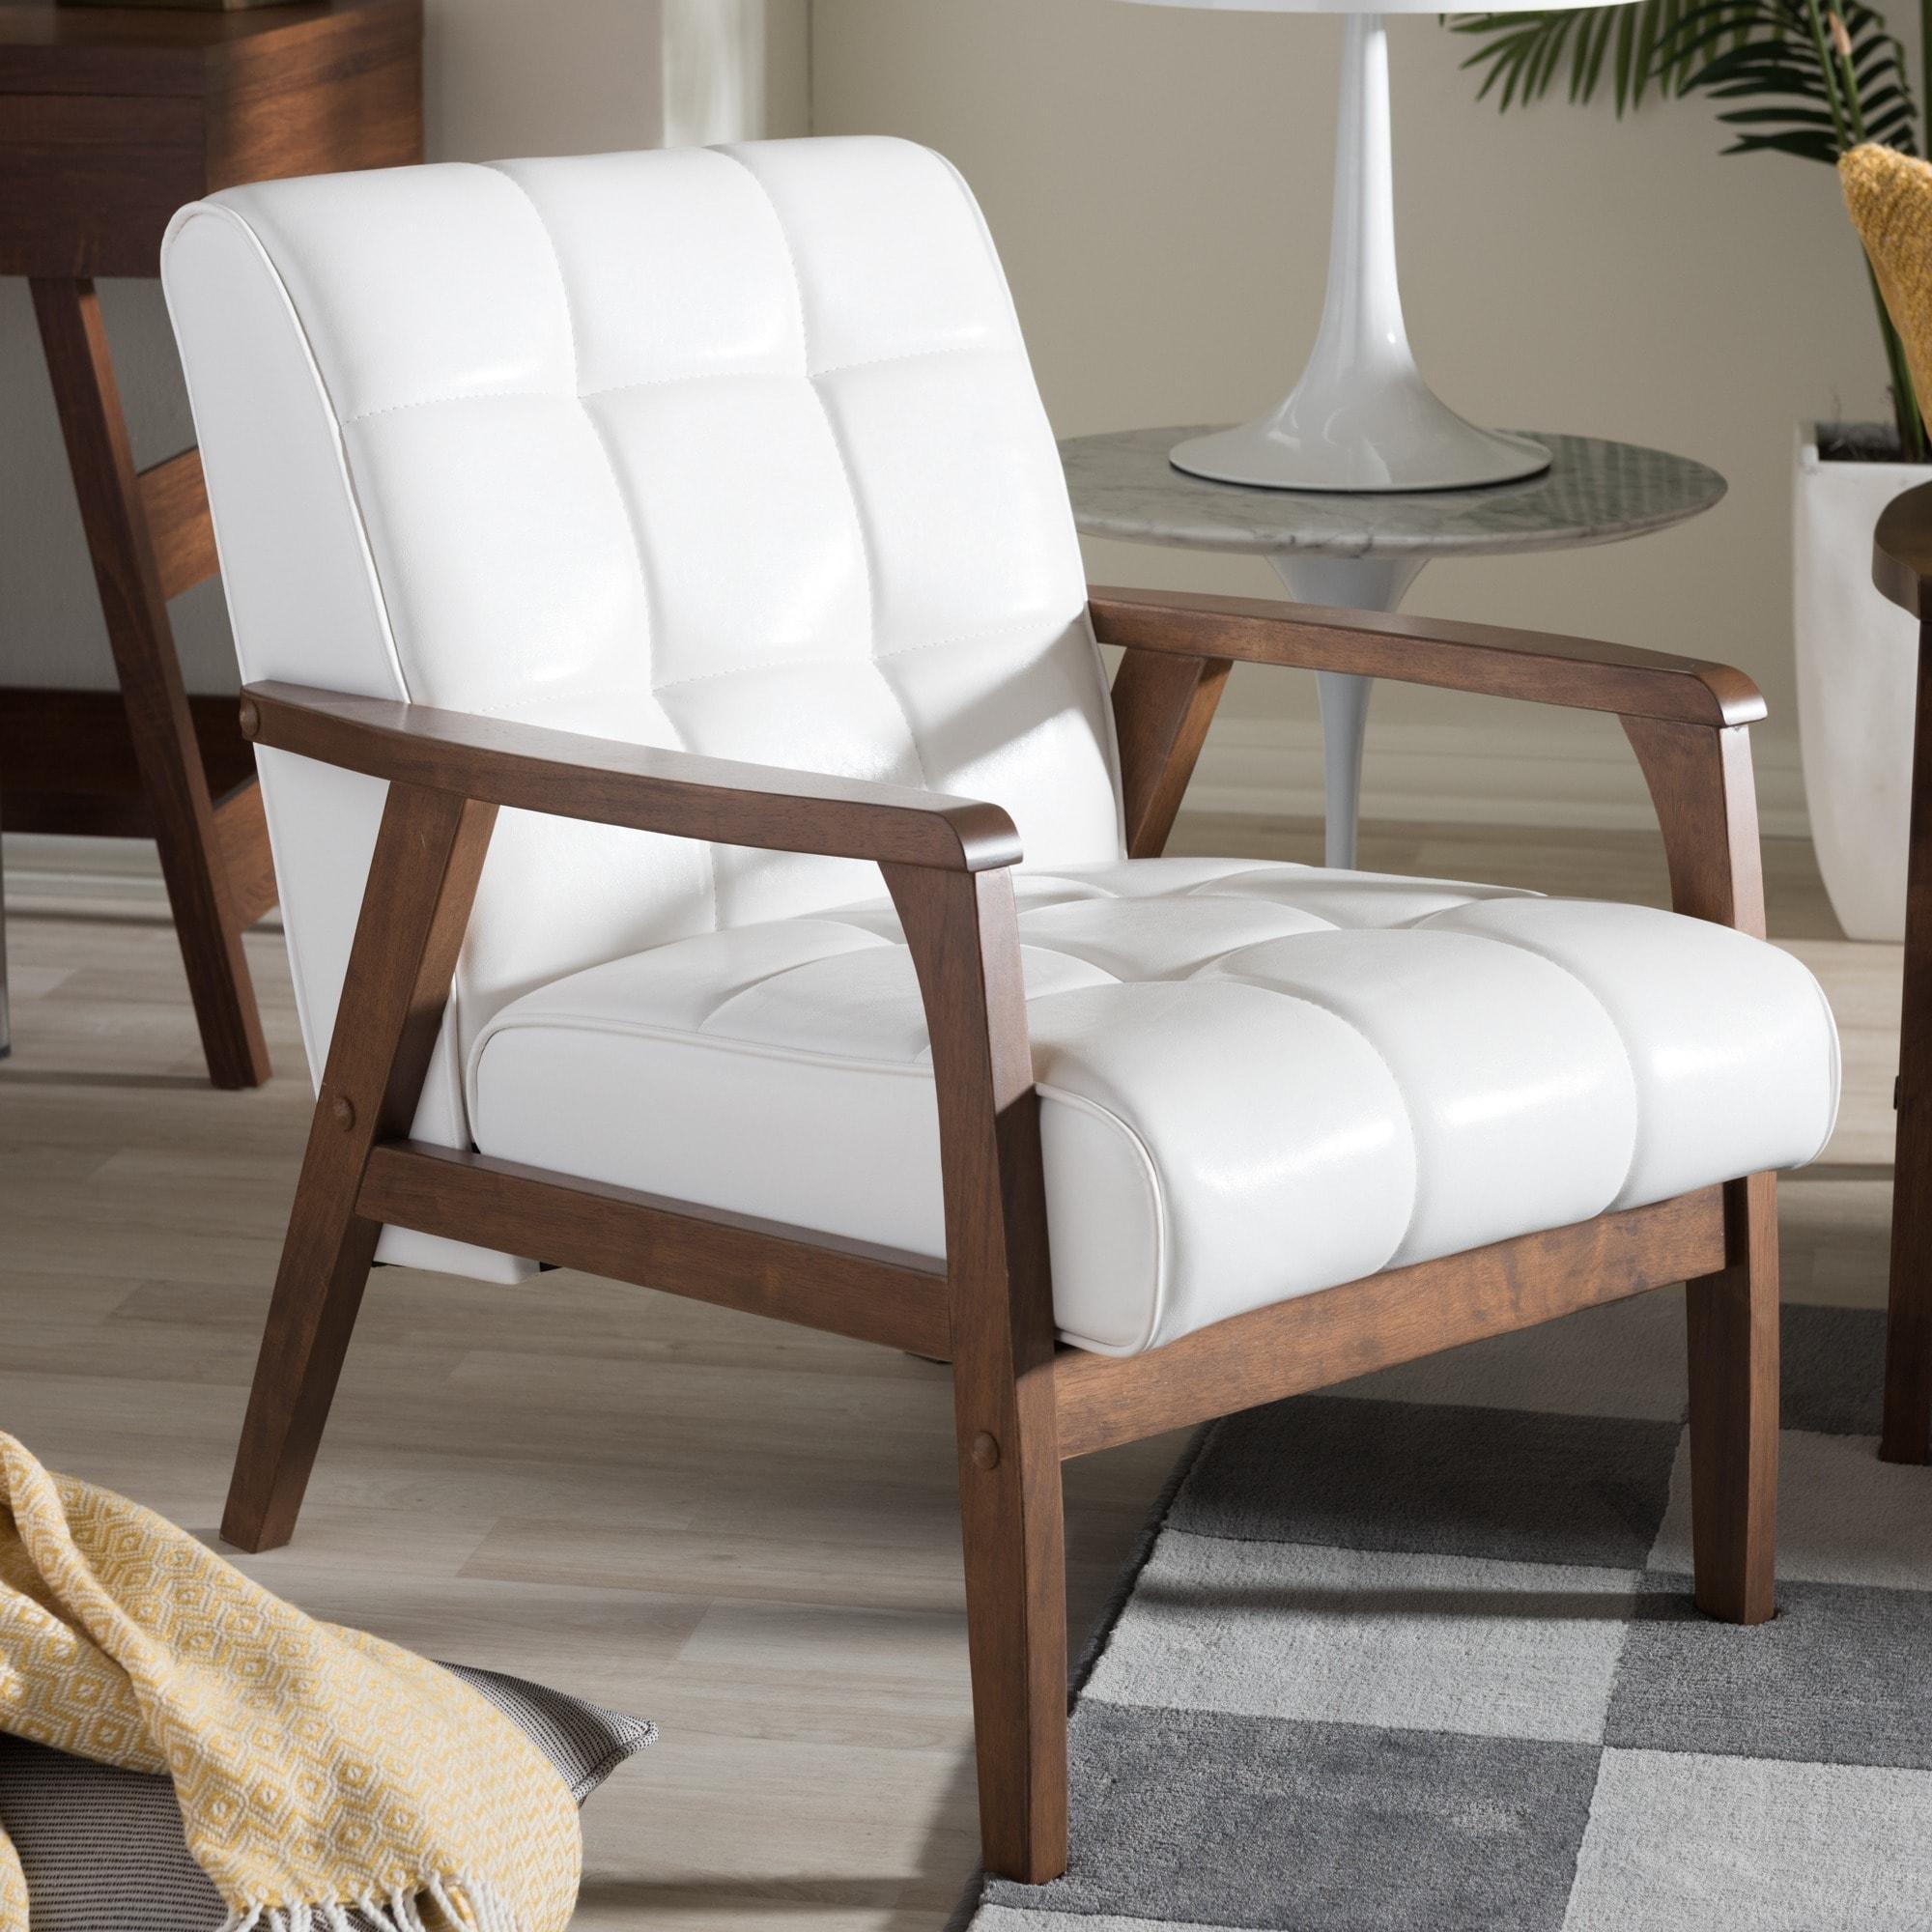 Shop Carson Carrington Karkkila Mid Century White Faux Leather Chair